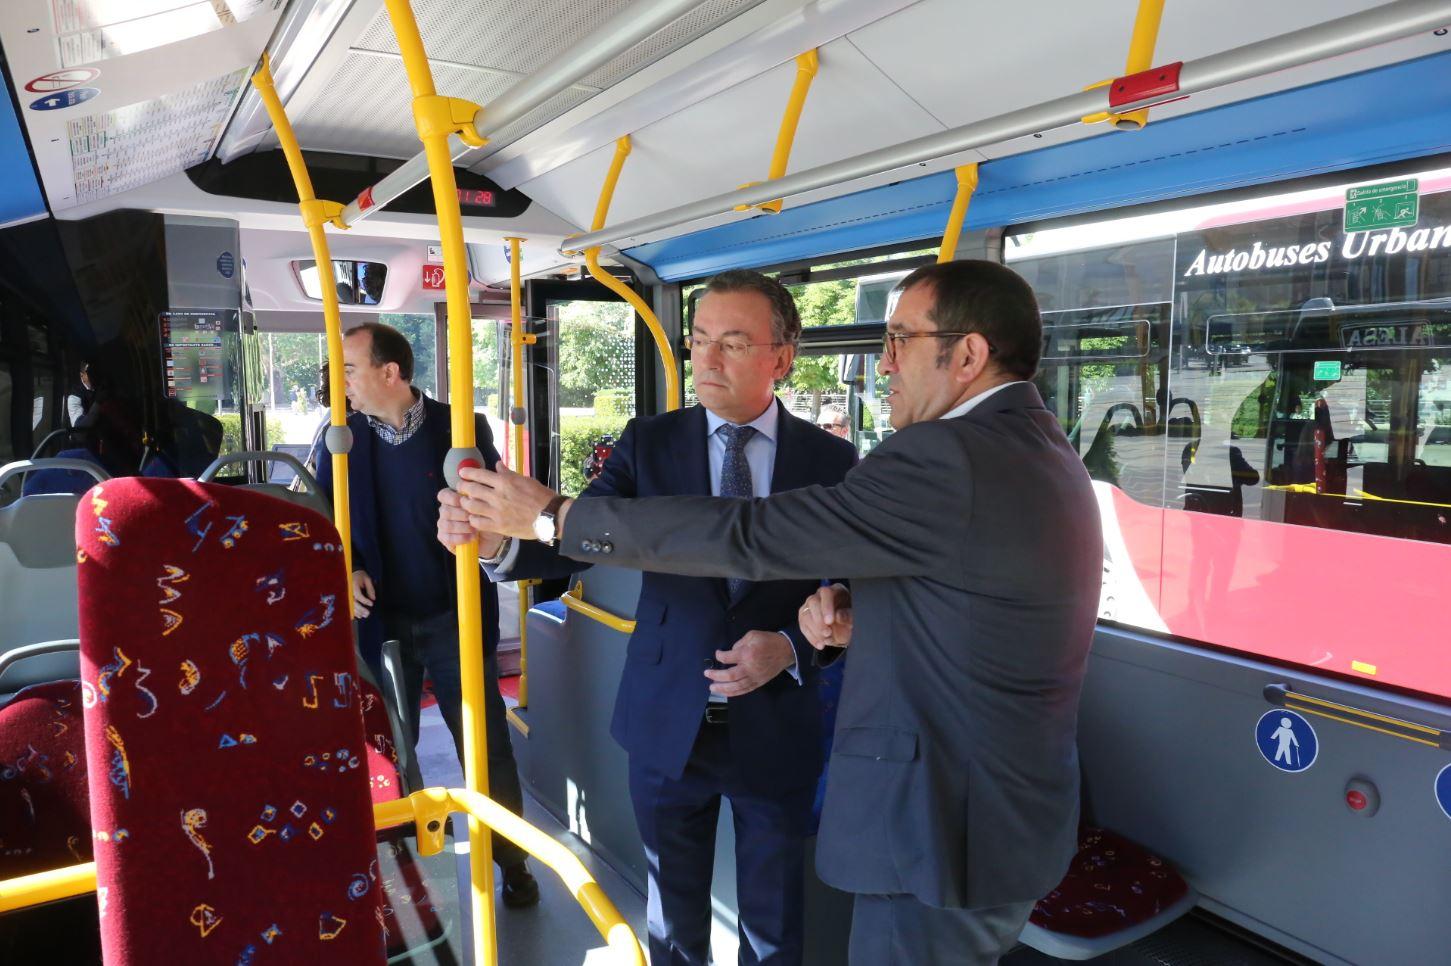 autobuses urbanos leon salgado